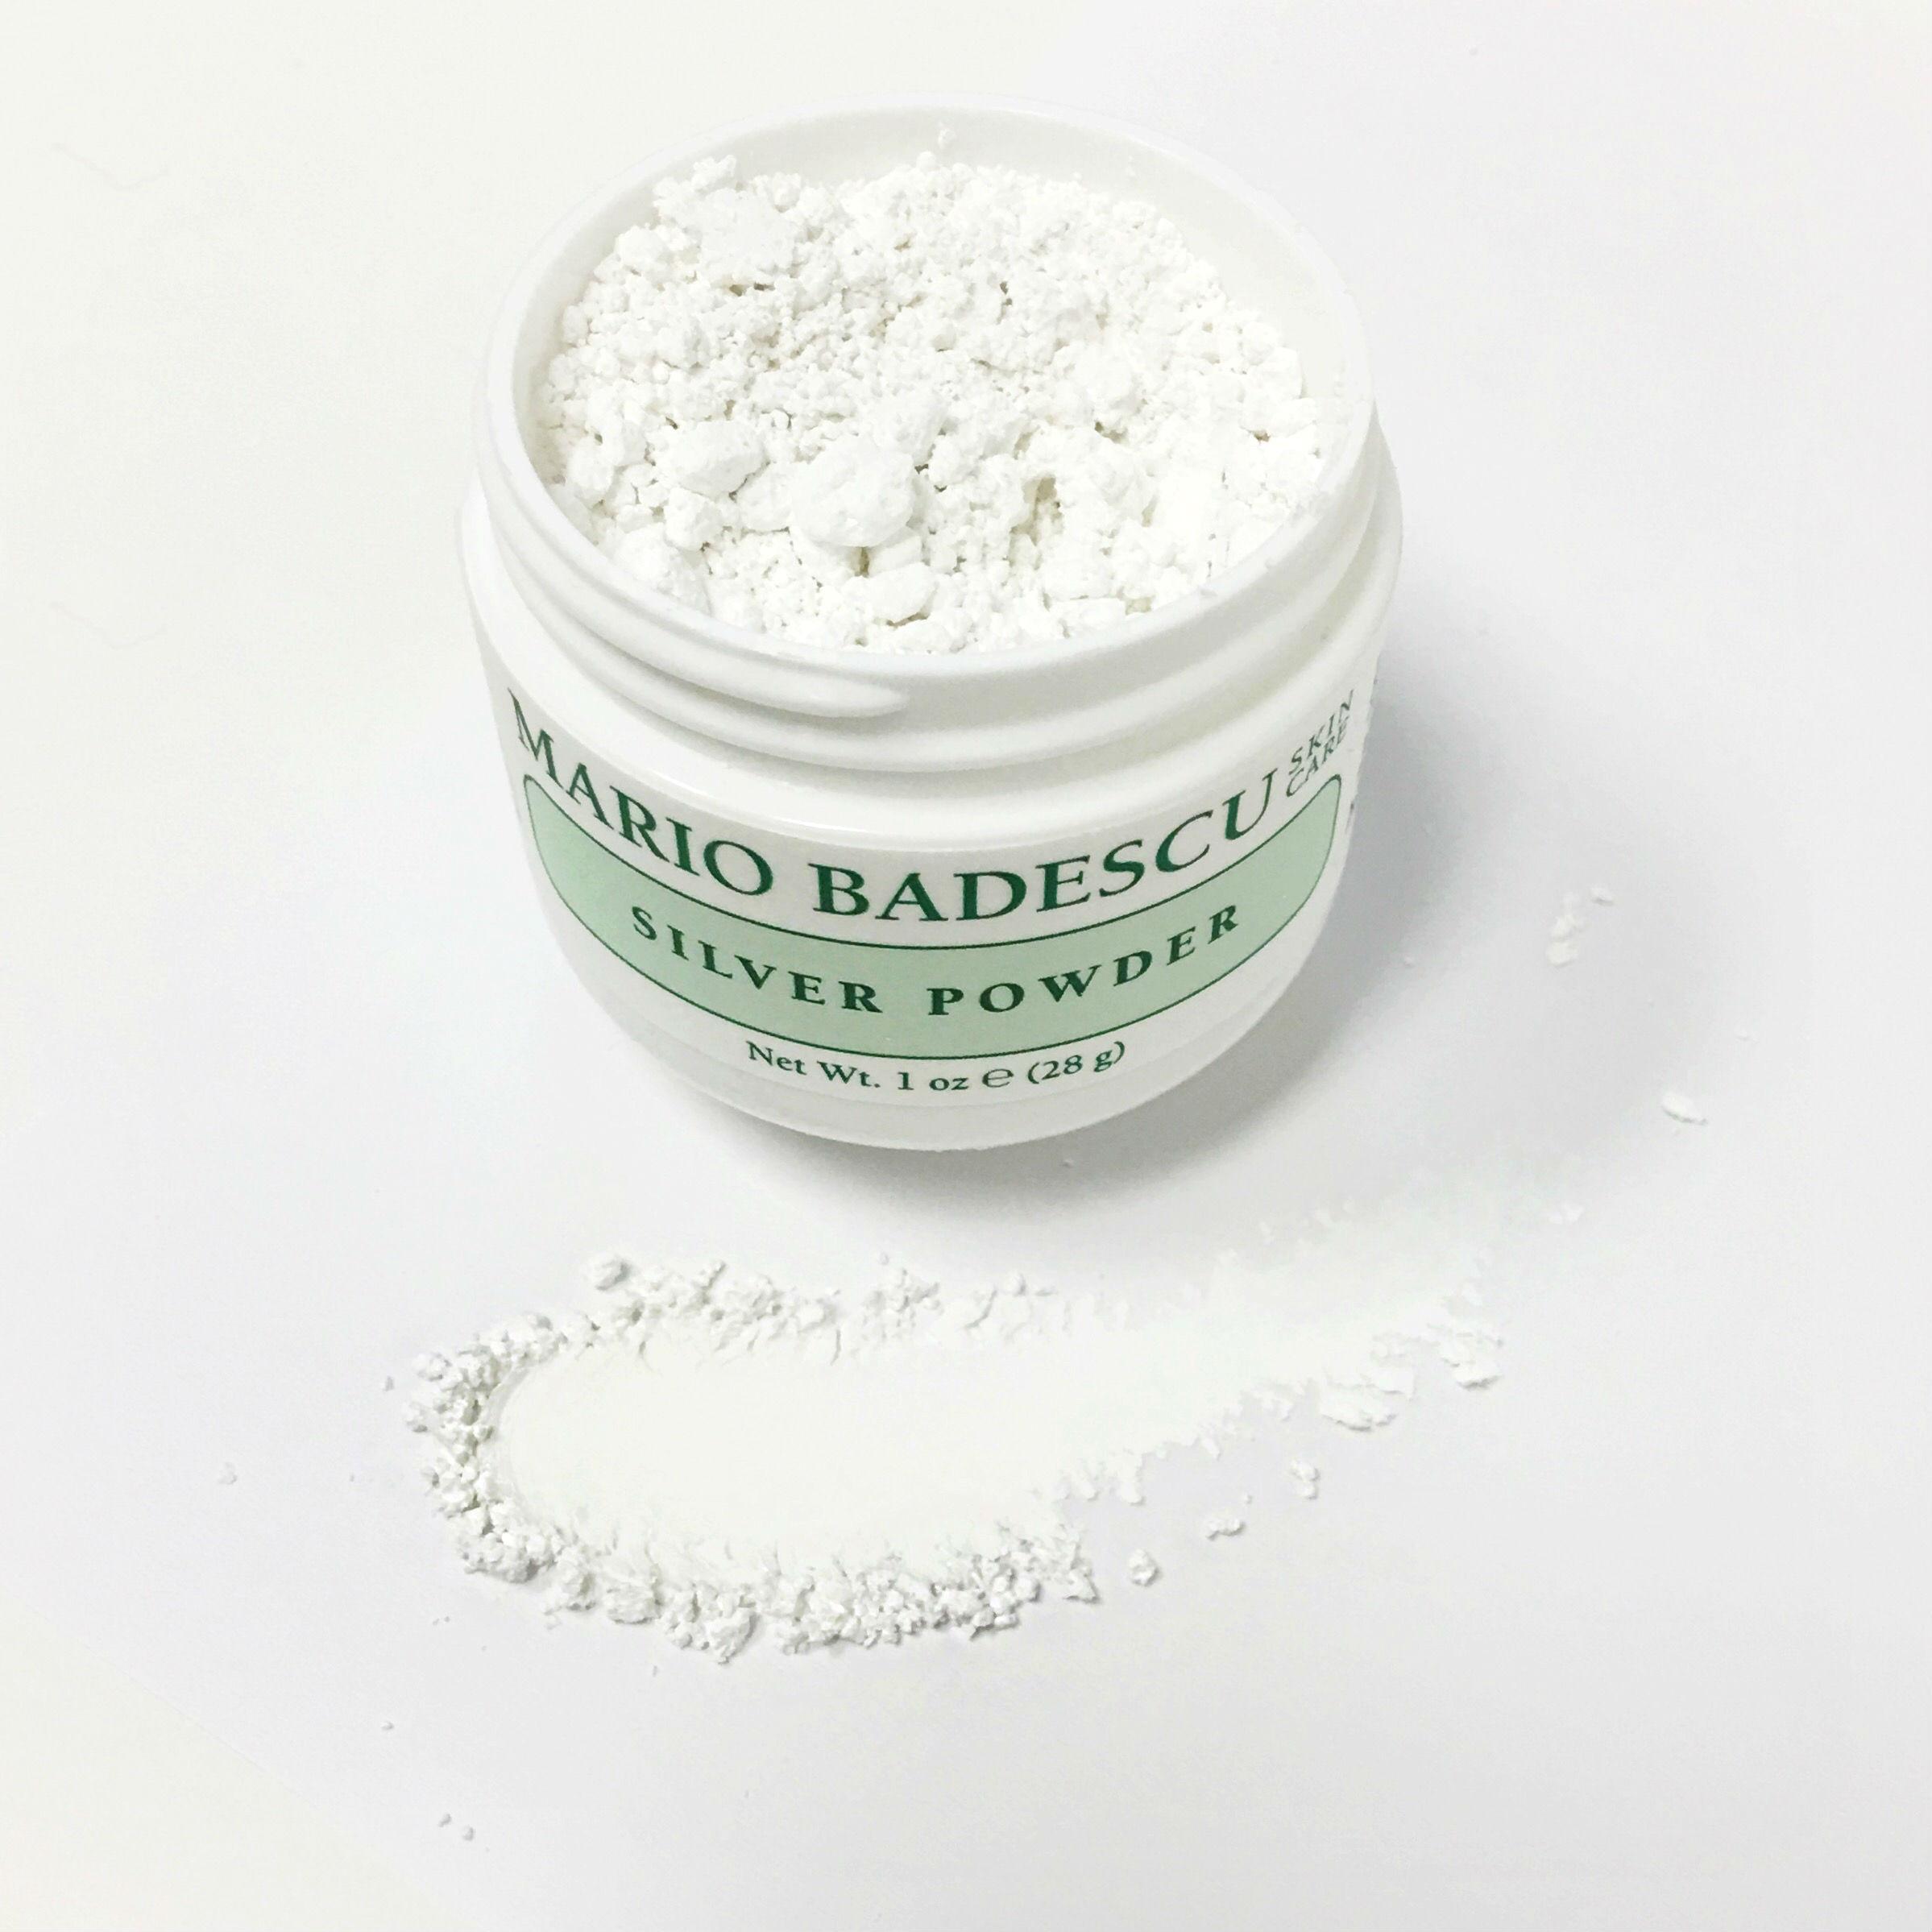 how to use mario badescu silver powder